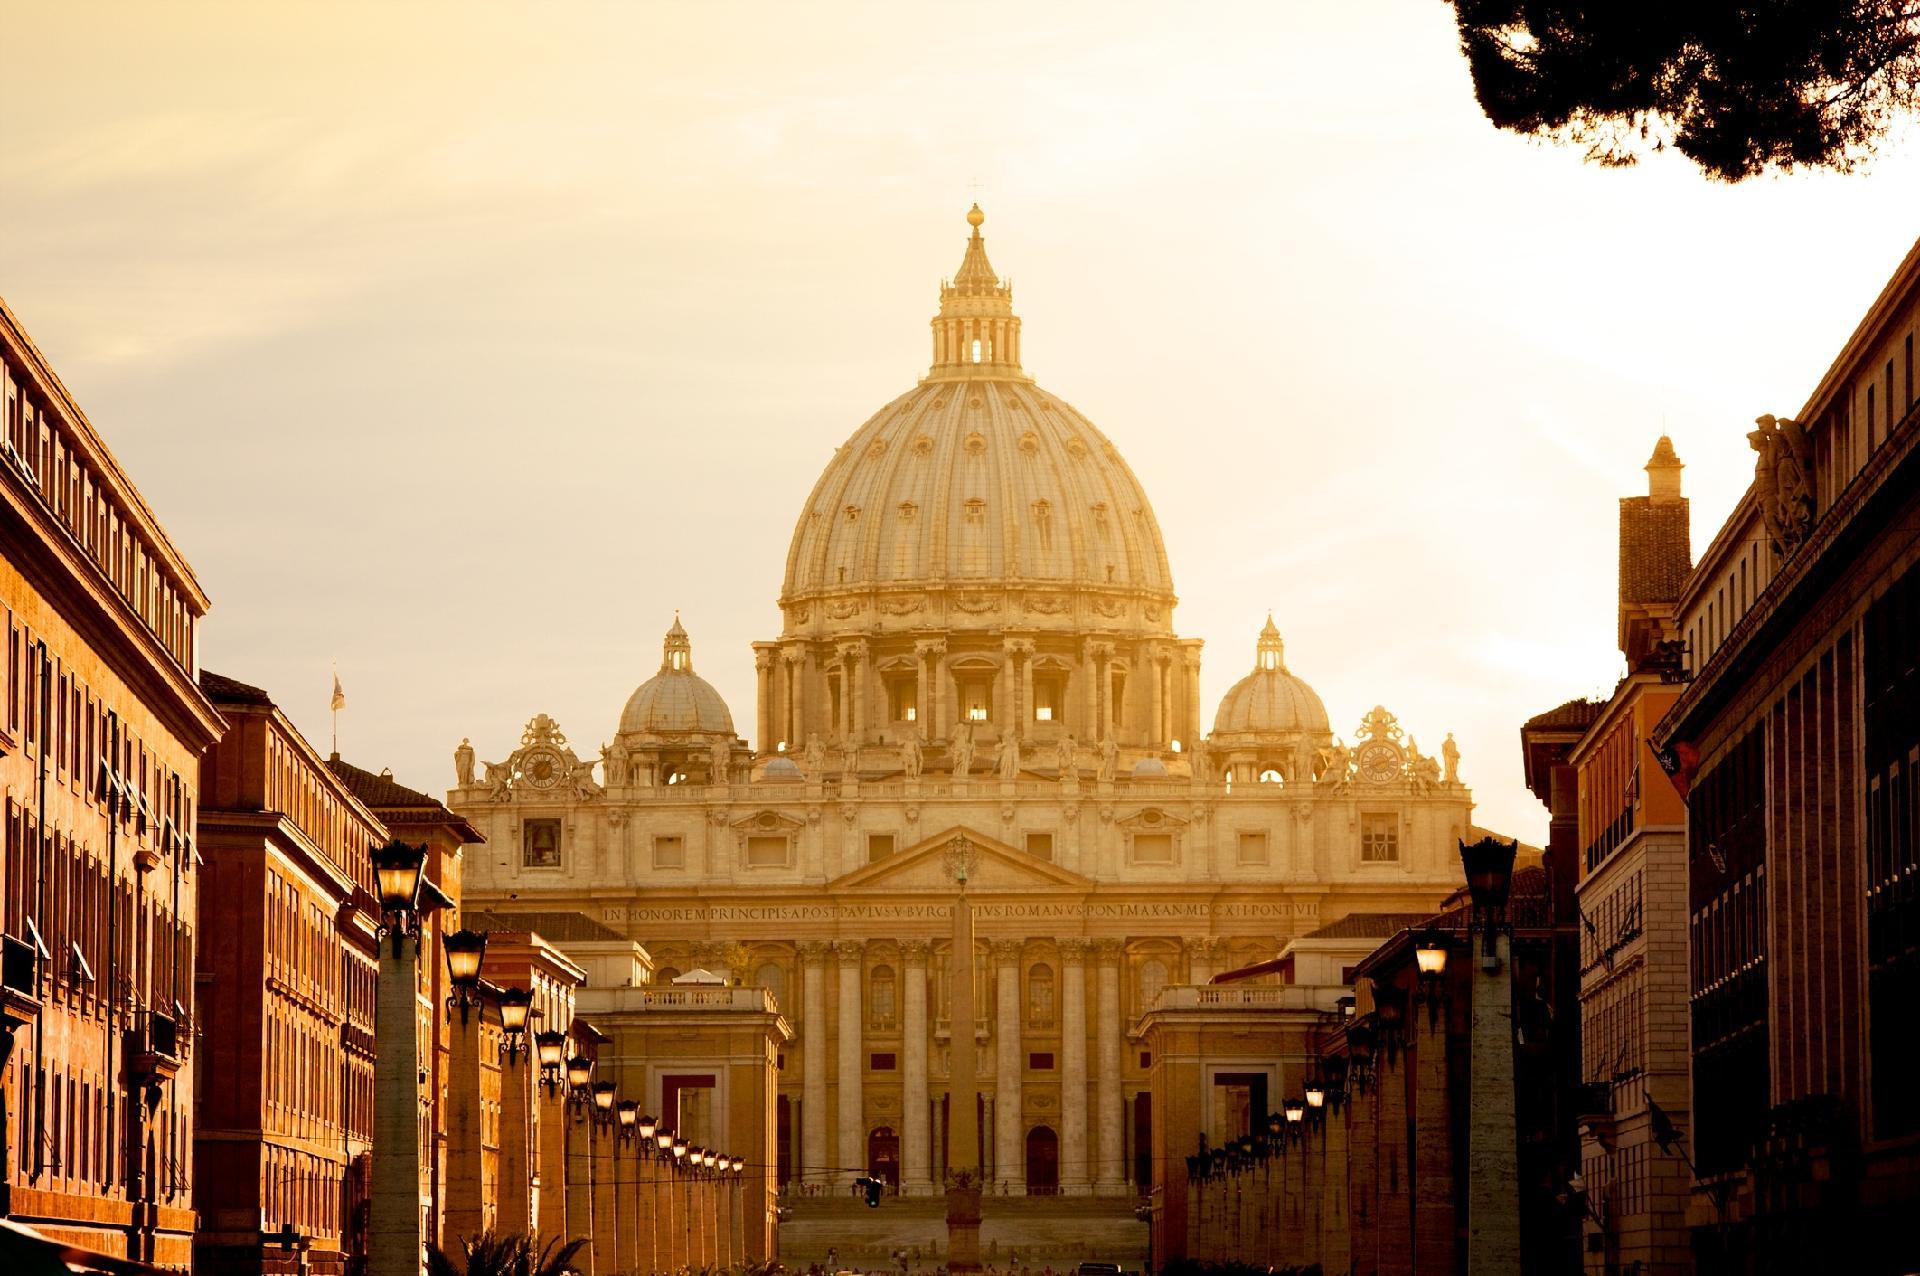 vaticano-em-roma-e-um-dos-destaques-das-experiencias-do-tripadvisor-neste-ano-1576841212080_v2_1920x1276